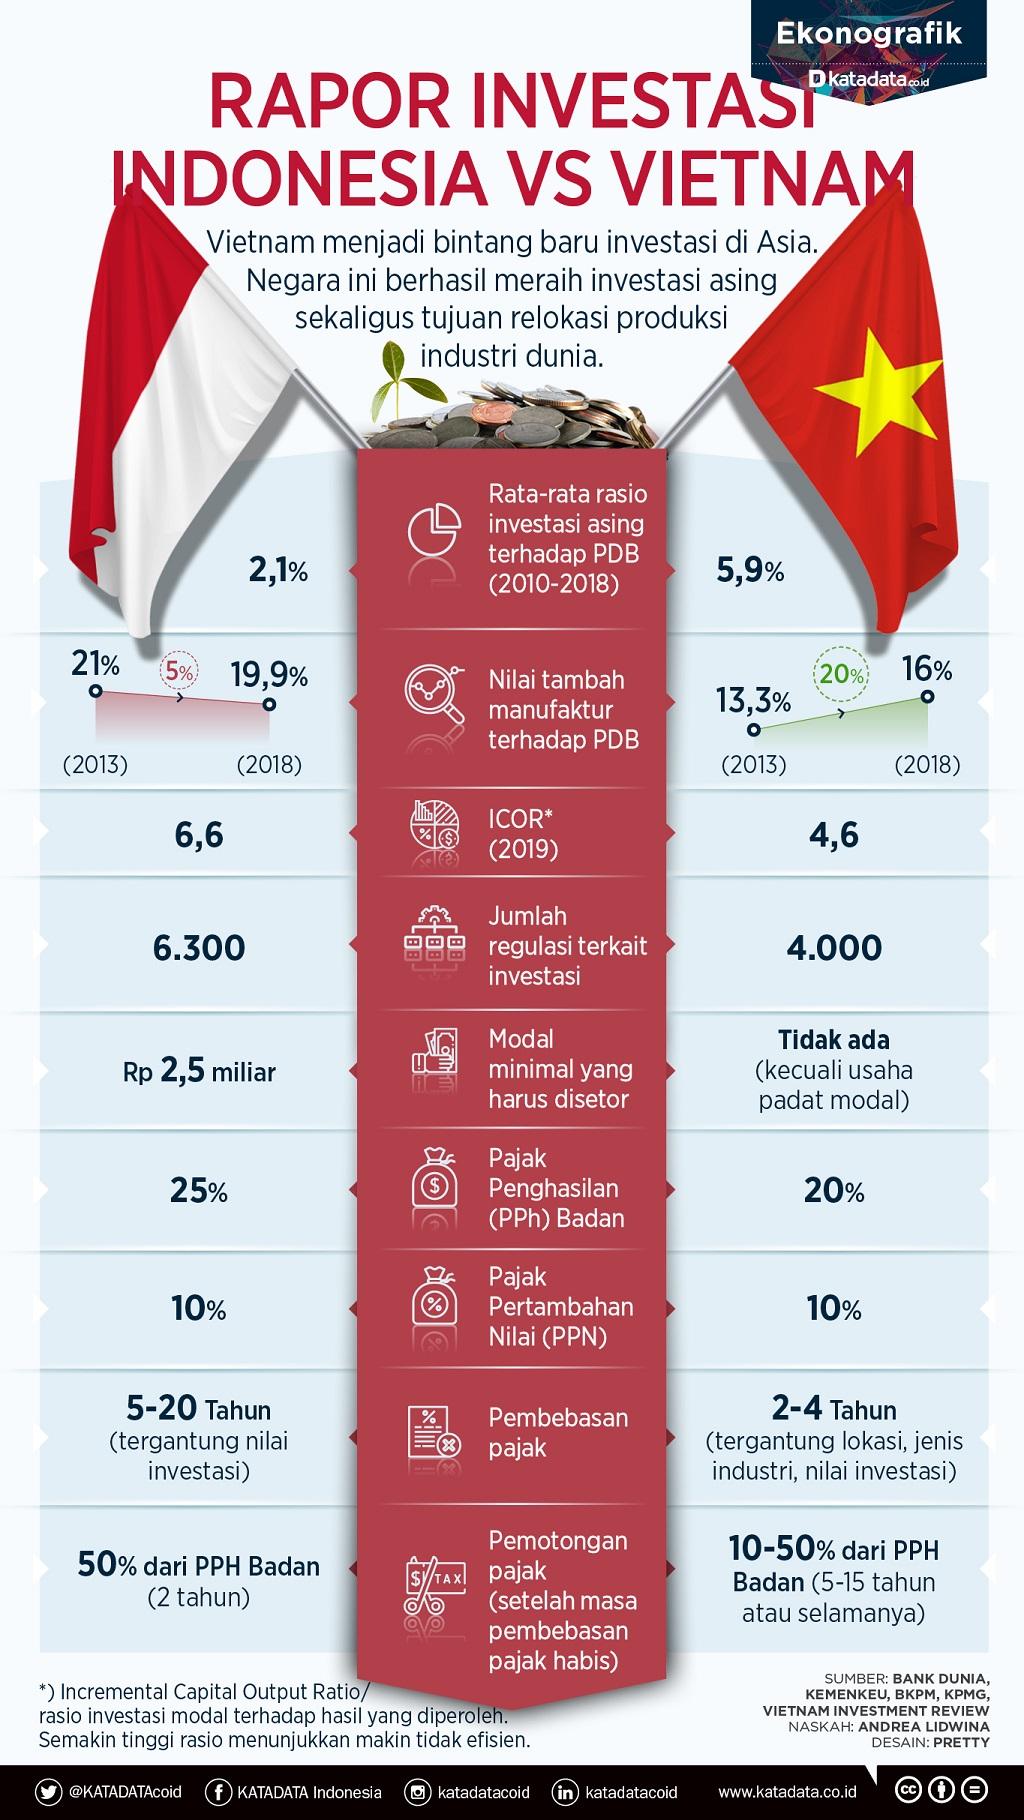 Perbandingan Iklim Investasi Indonesia dan Vietnam